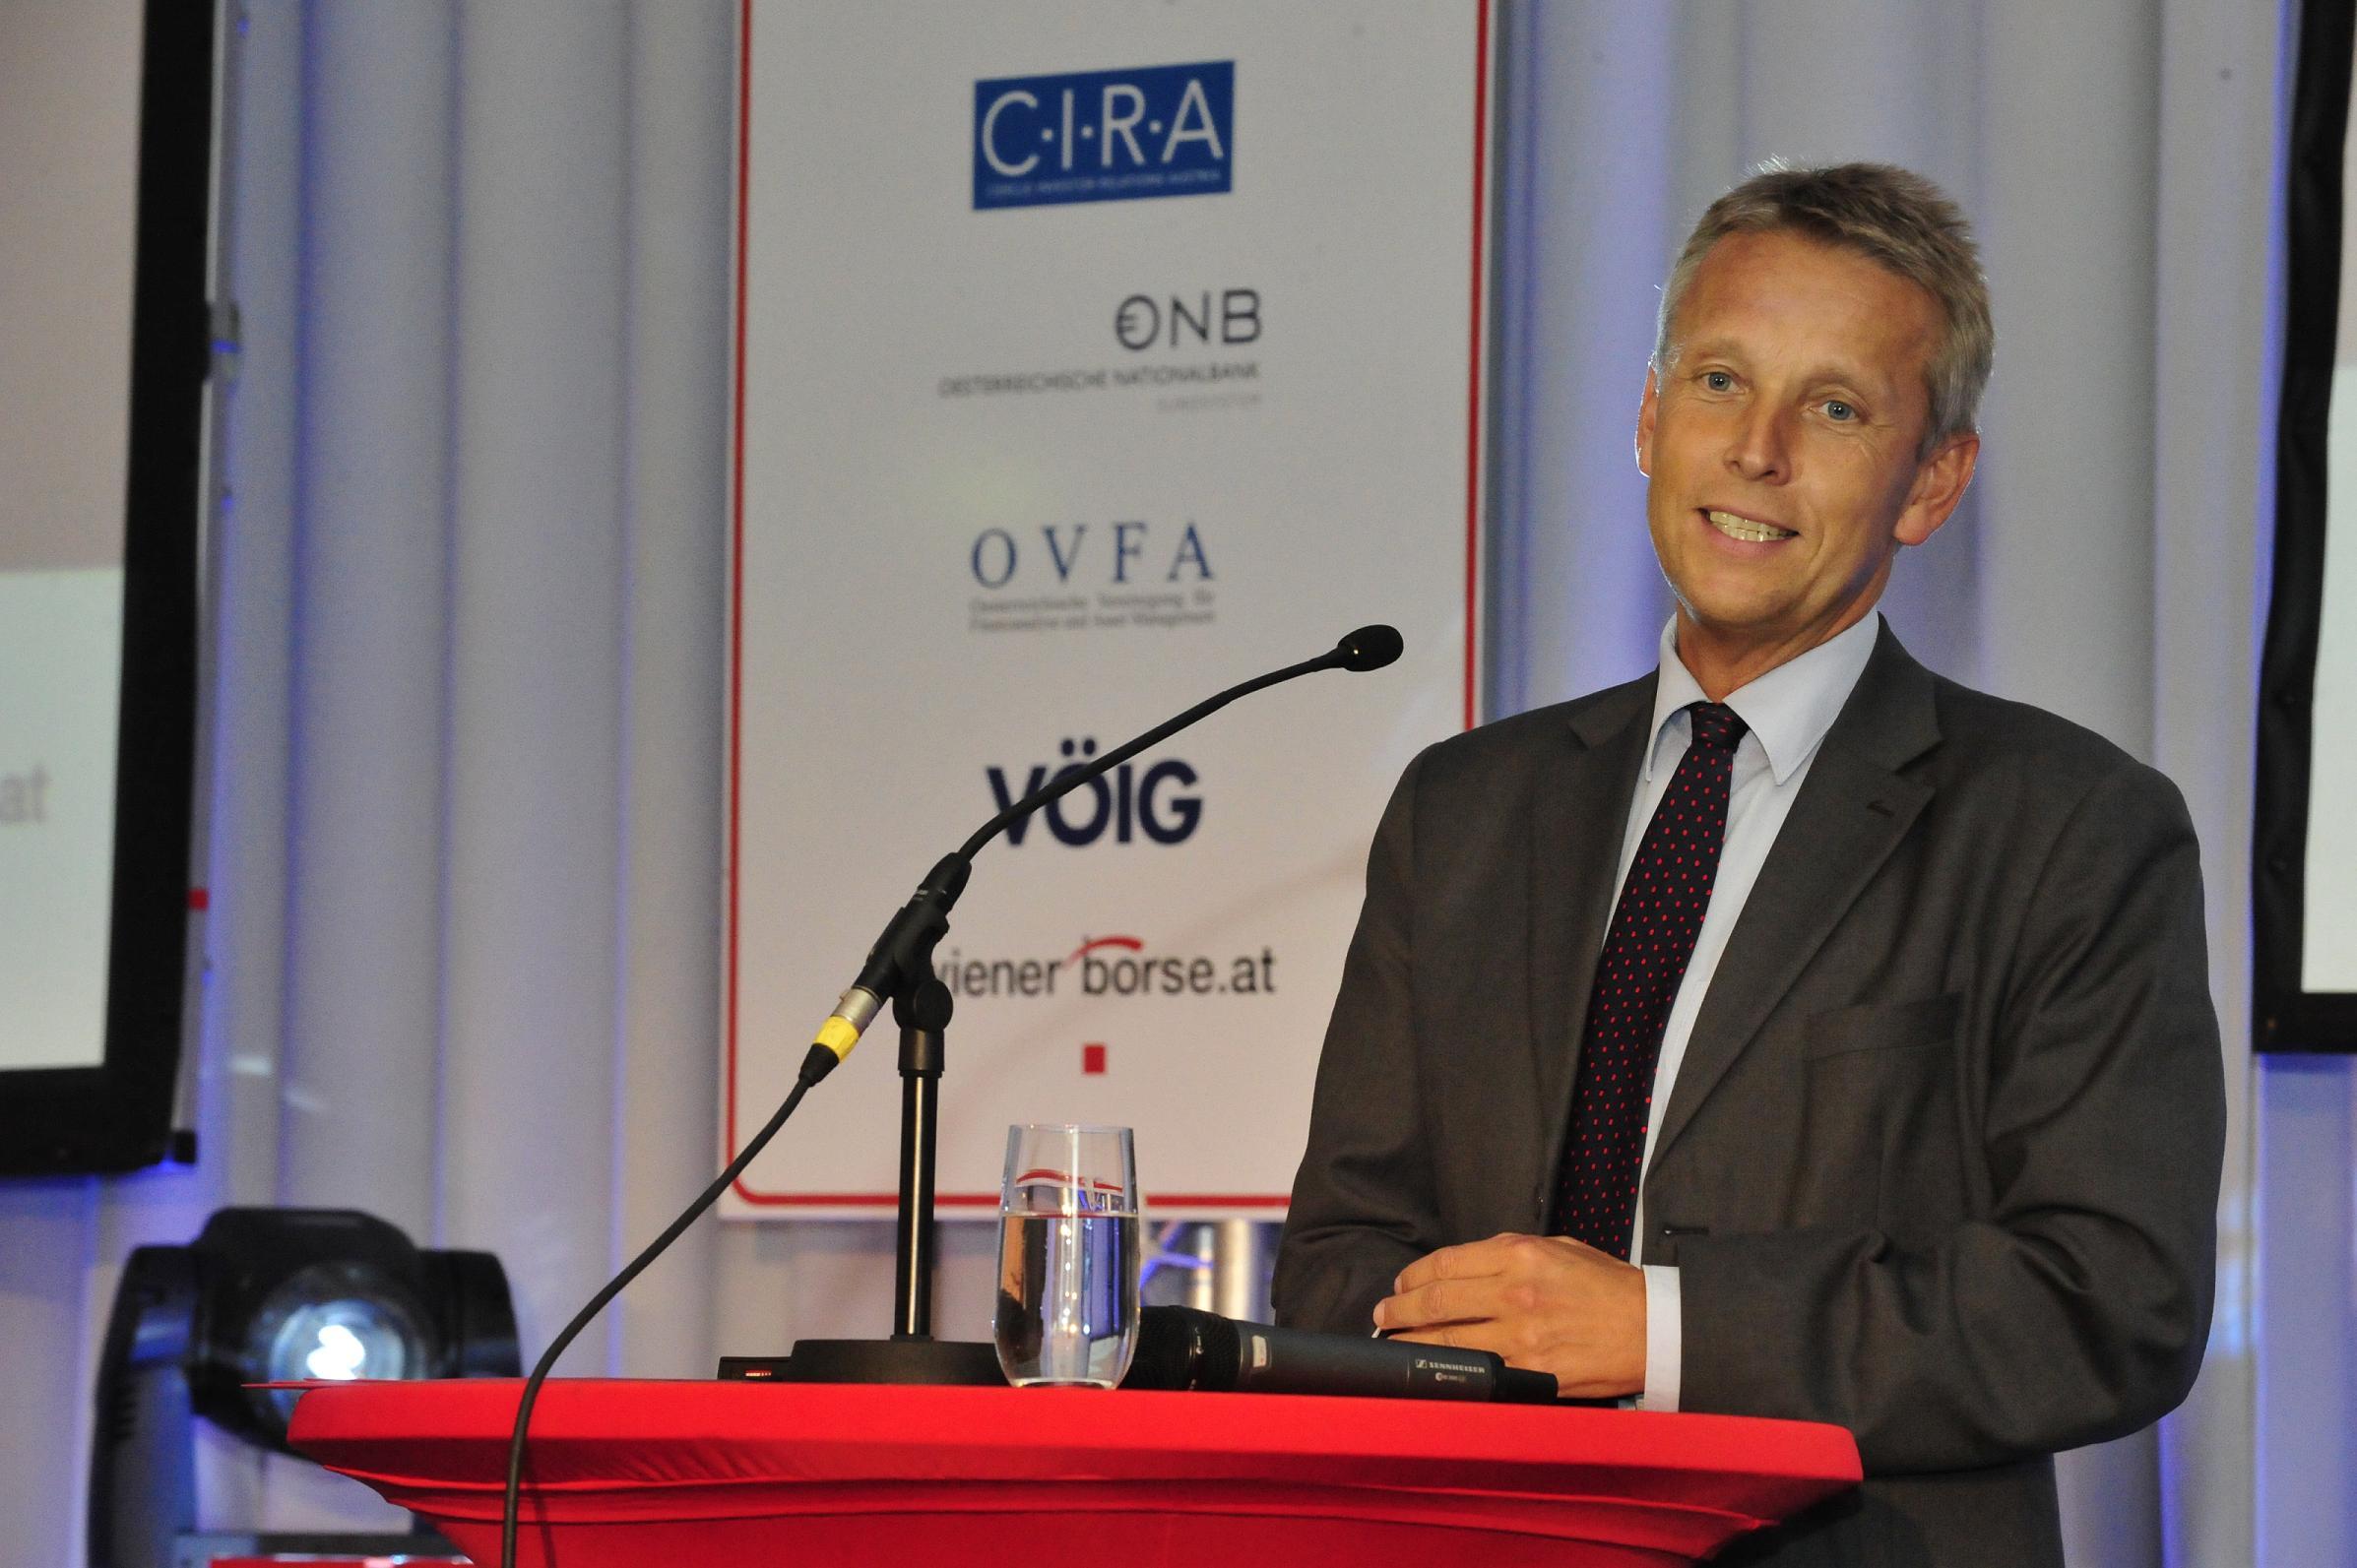 Bei der Verleihung des Wiener Börse Preises (C) Philip Martin Rusch